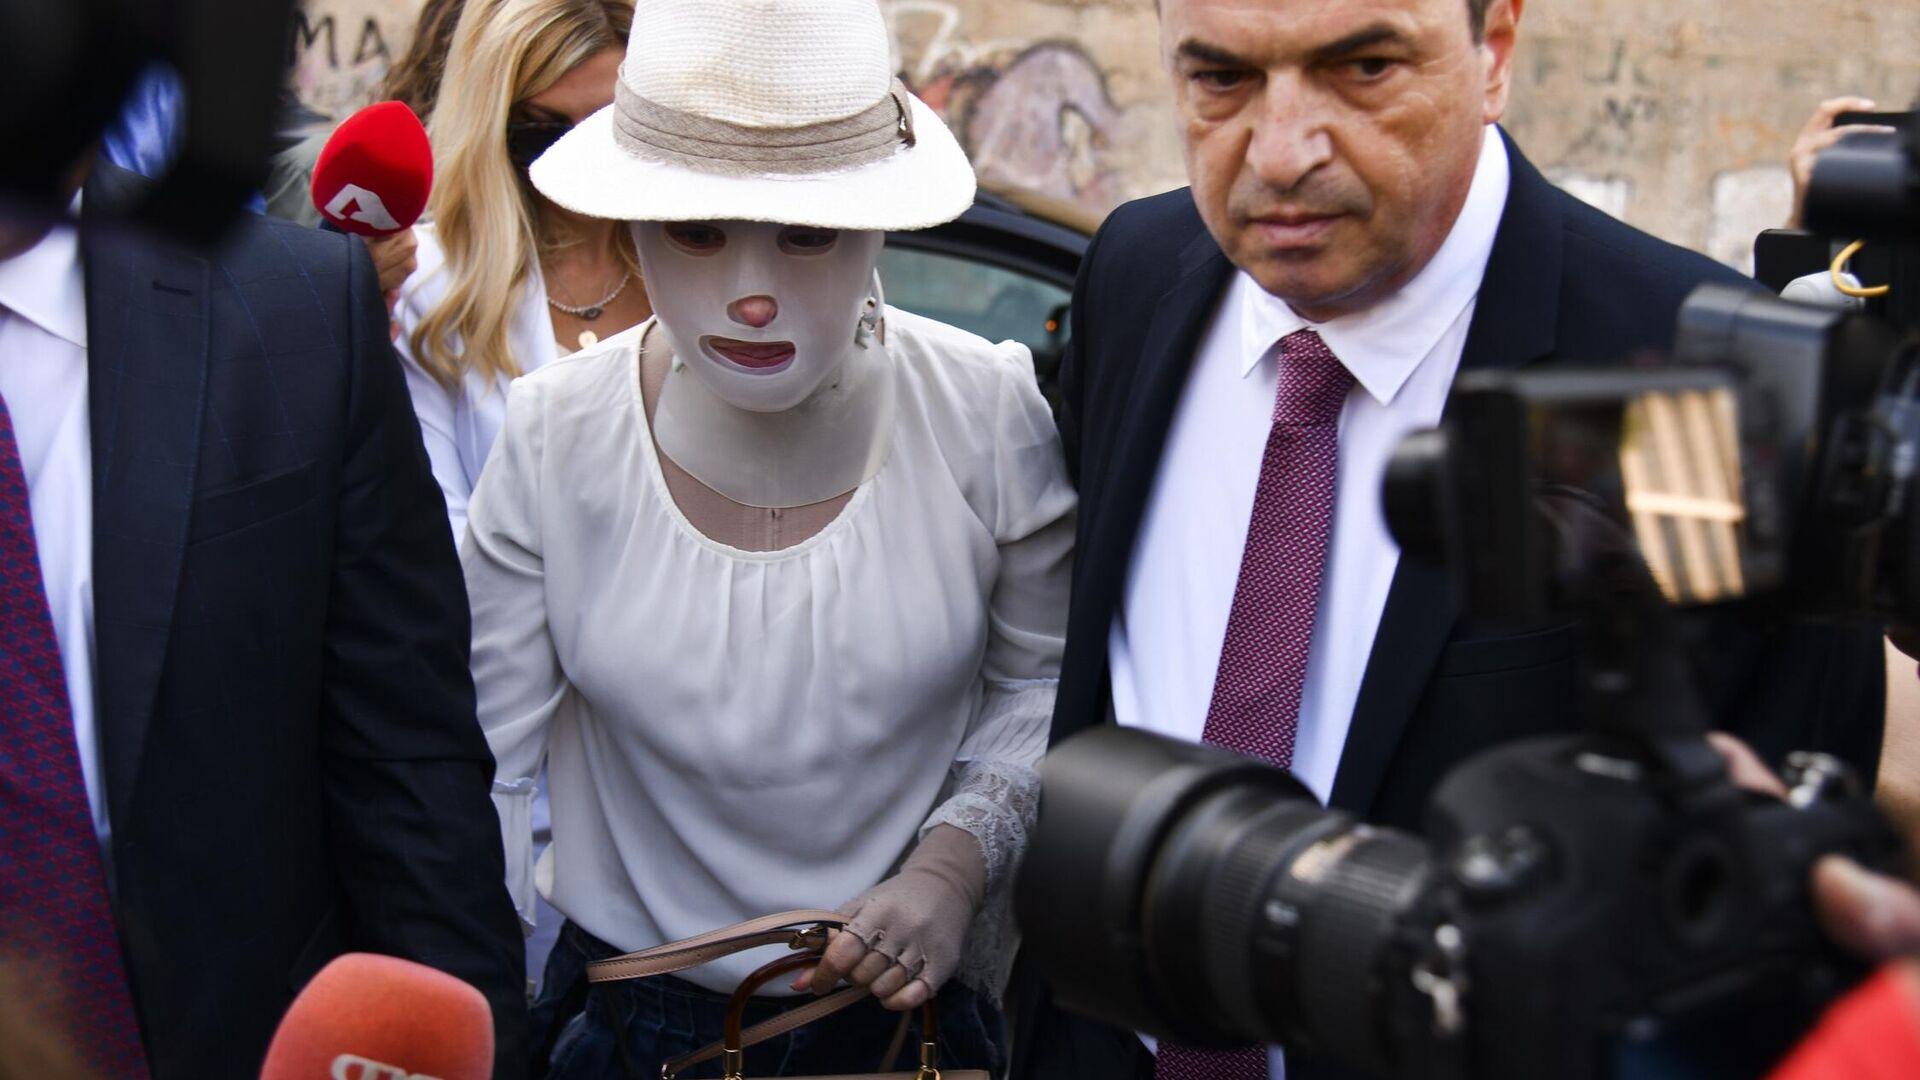 Με το κεφάλι ψηλά στο δικαστήριο η Ιωάννα Παλιοσπύρου για τη δίκη της επίθεσης με βιτριόλι - Sputnik Ελλάδα, 1920, 15.09.2021